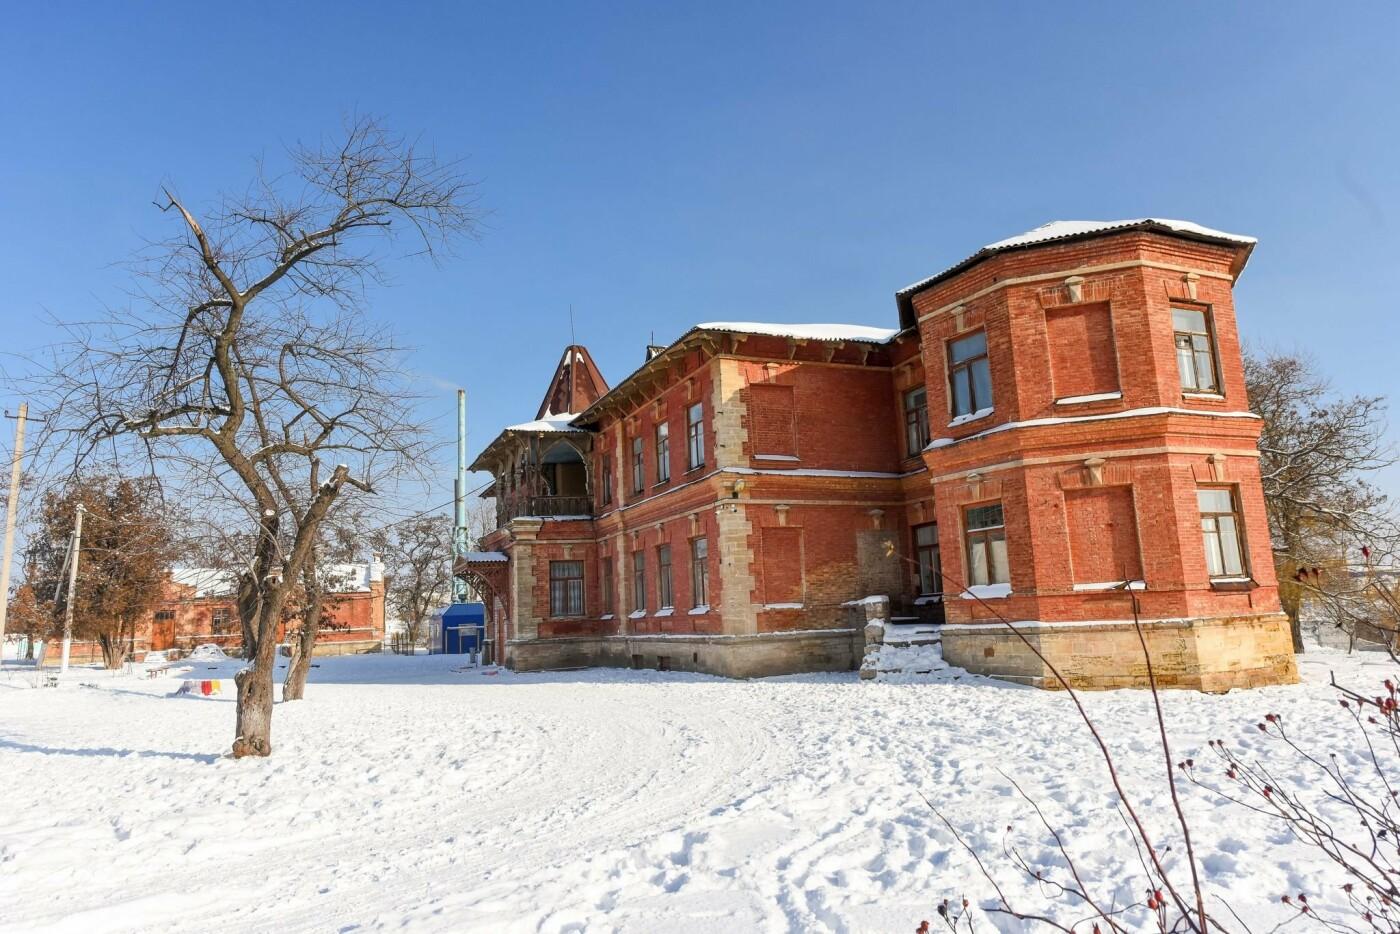 Маршруты выходного дня: не скучаем на карантине, а изучаем Запорожскую область и открываем секреты родного города, фото-19